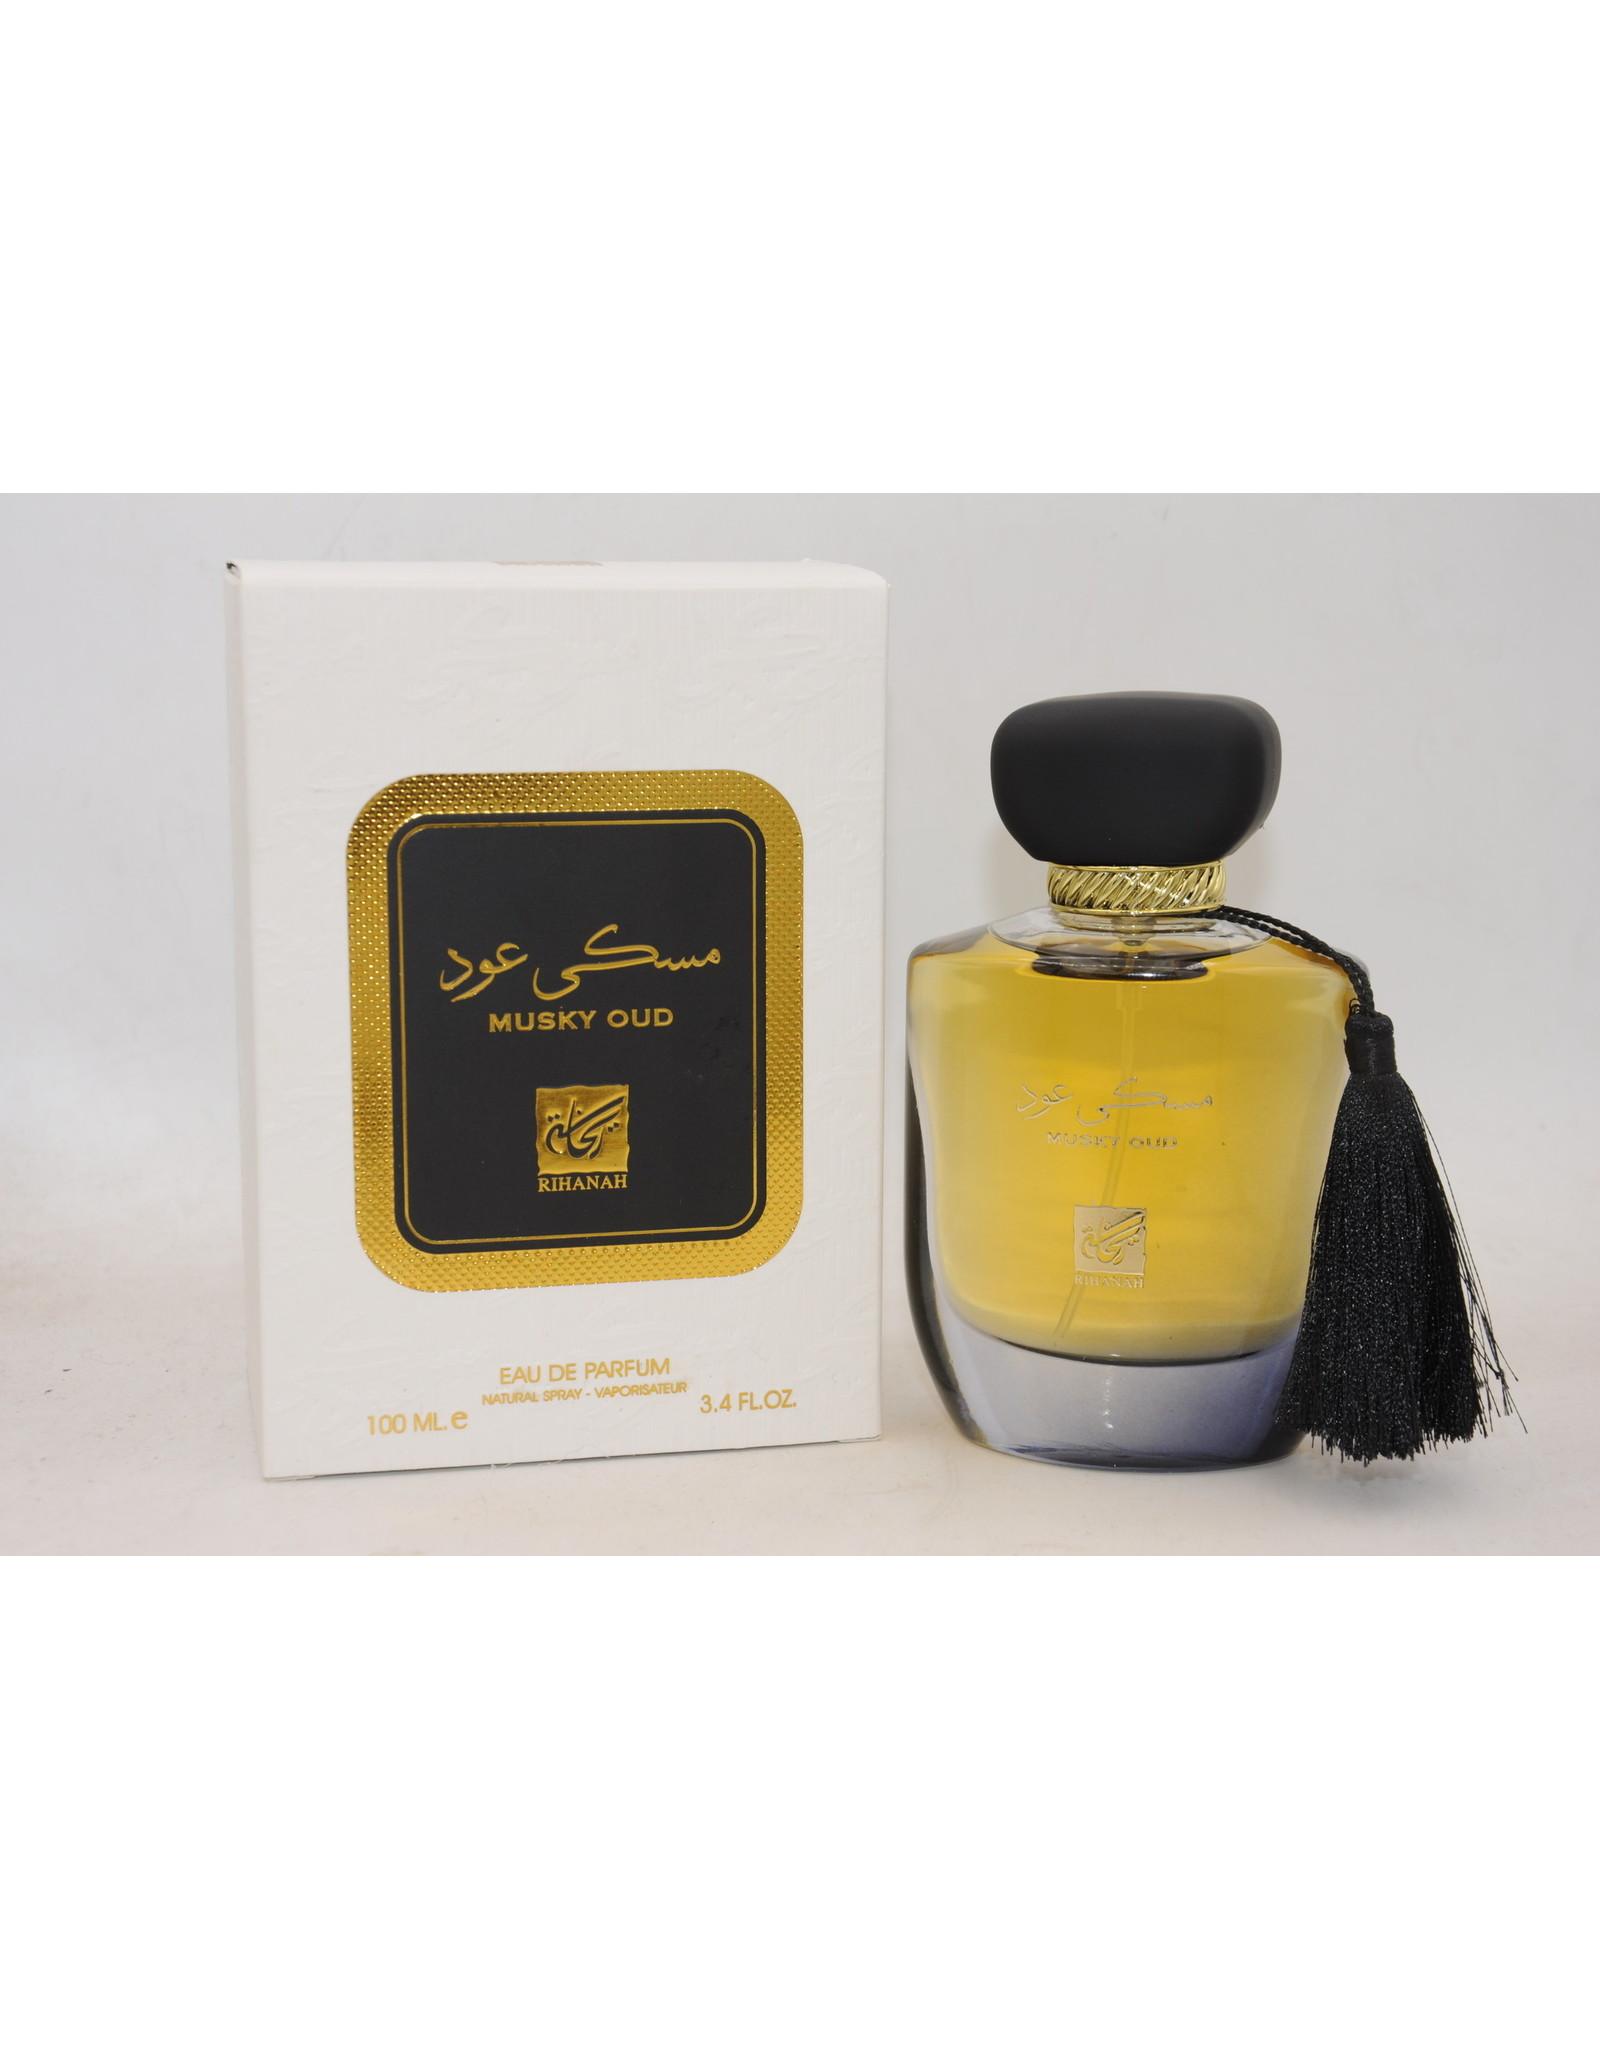 Niche Parfums Musky oud EDP 100 ml